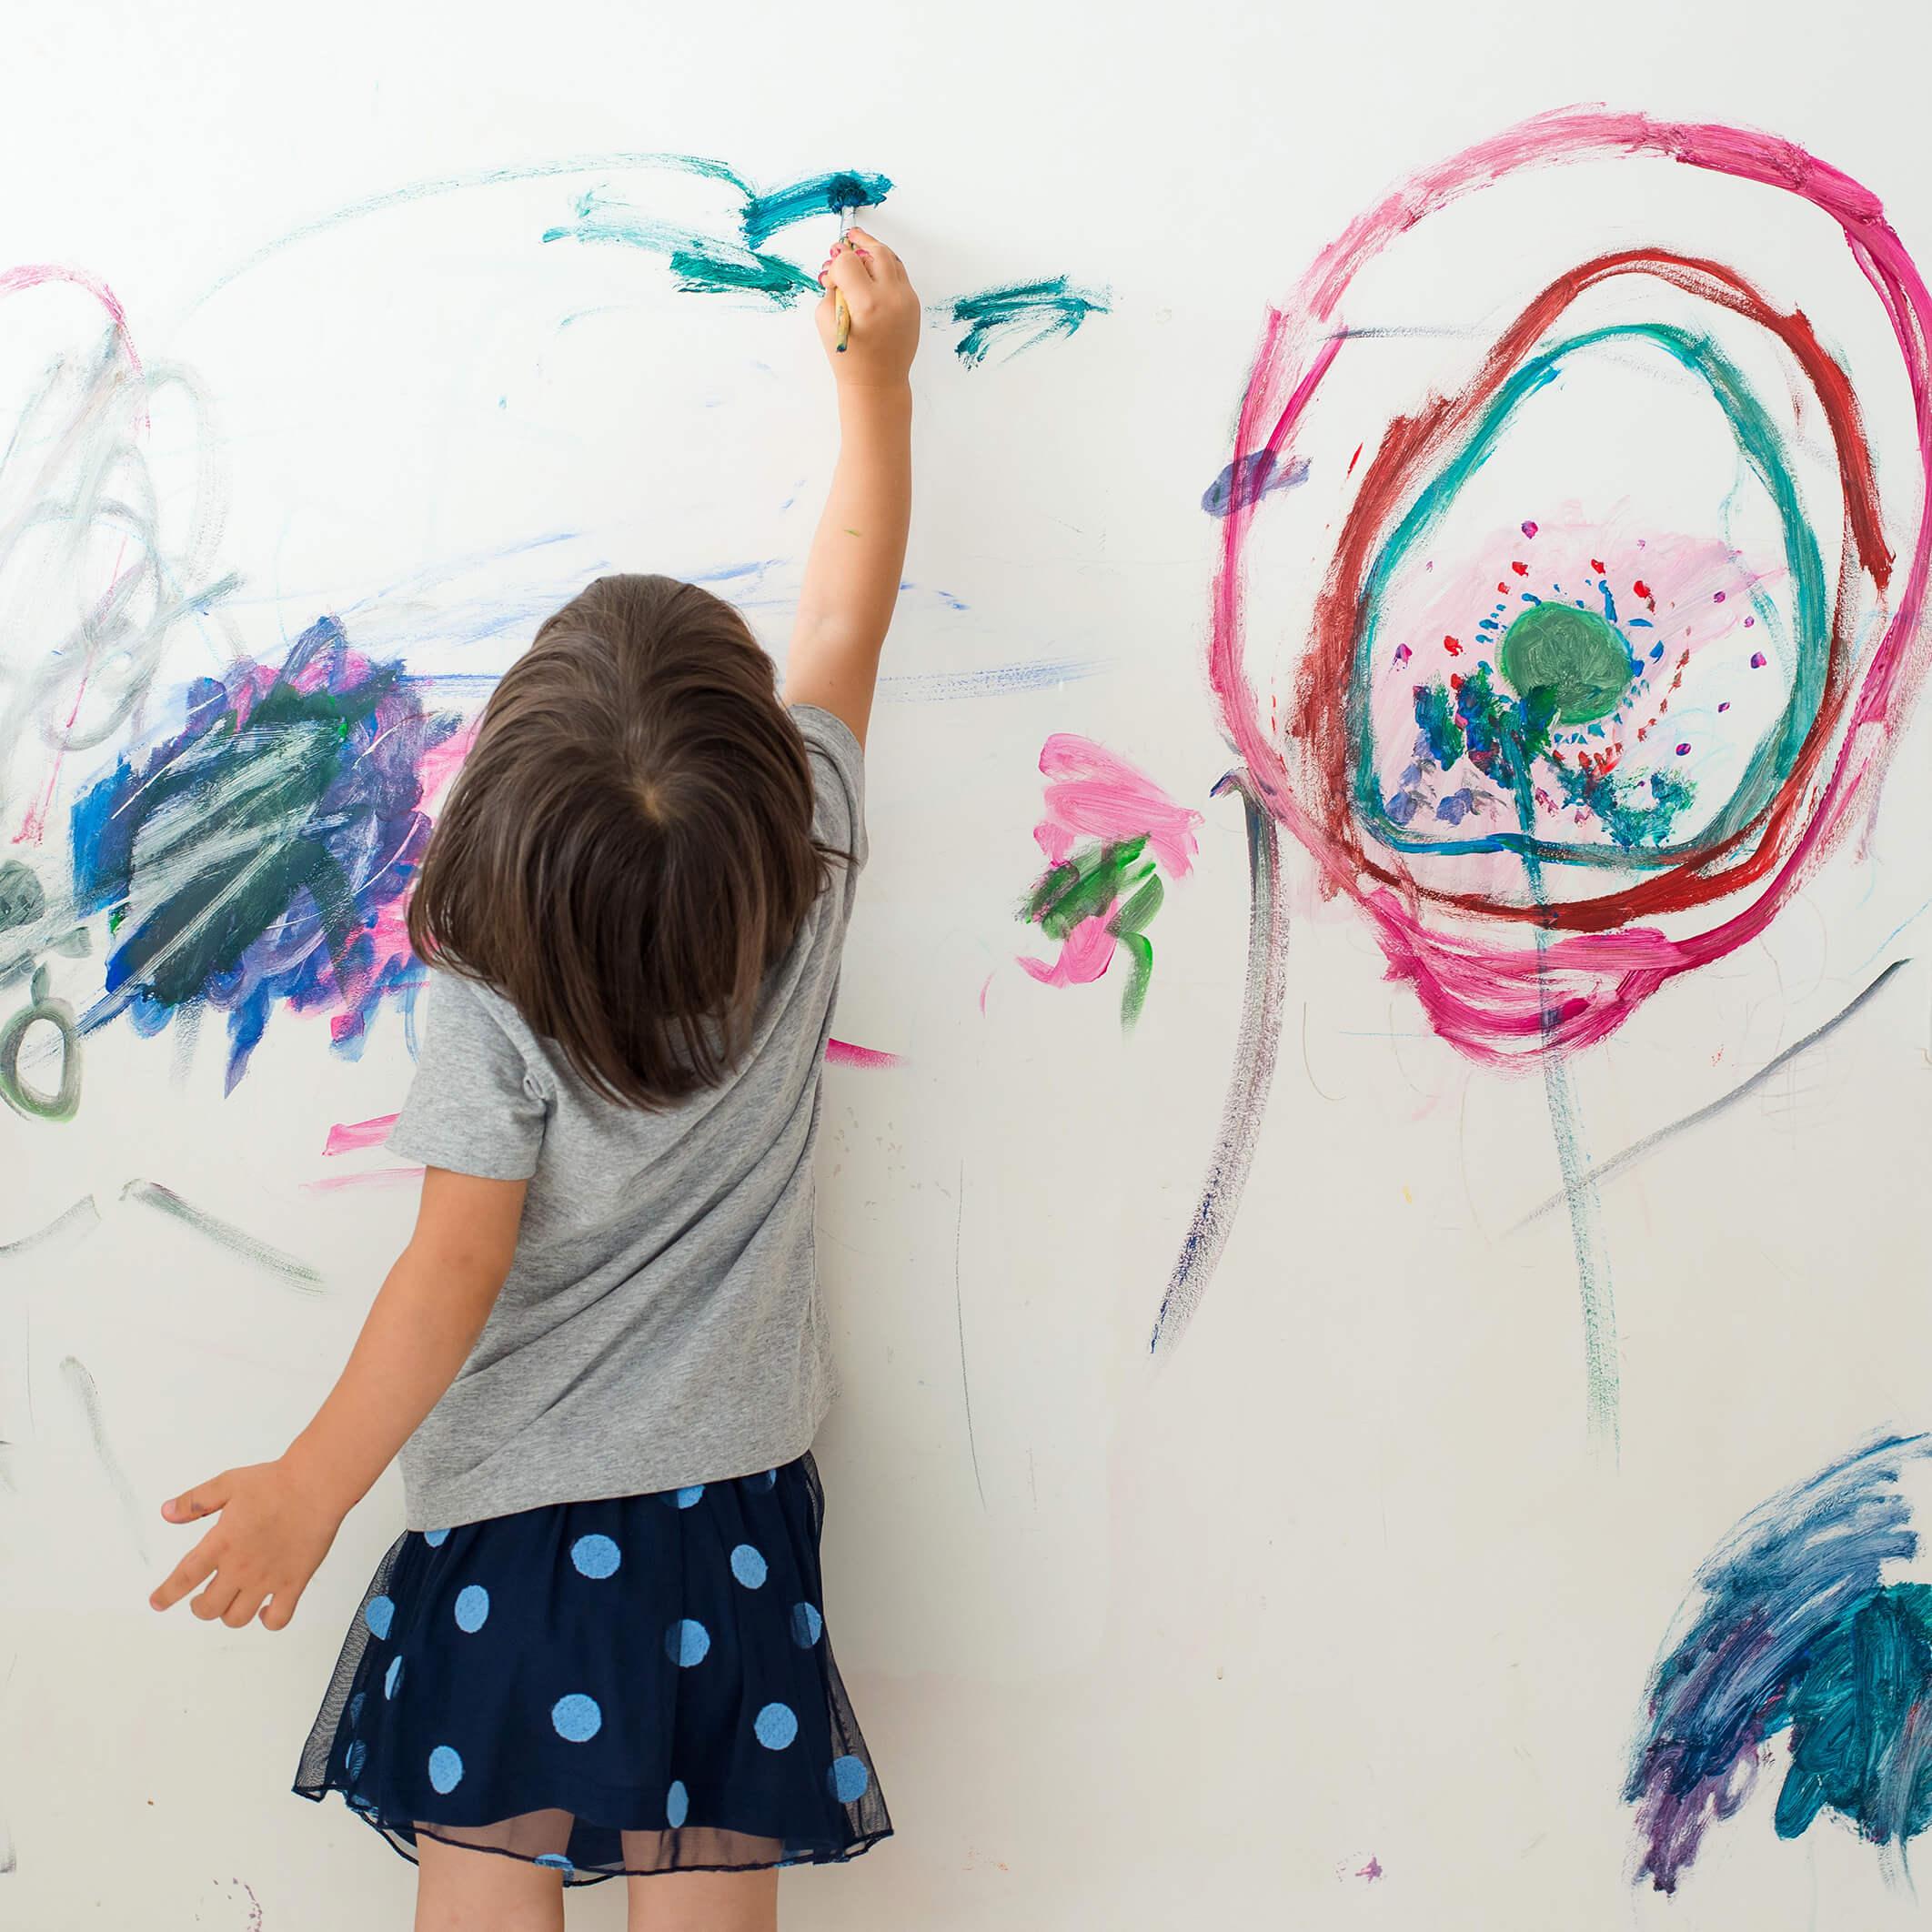 Lär känna ditt barn genom dess teckningar